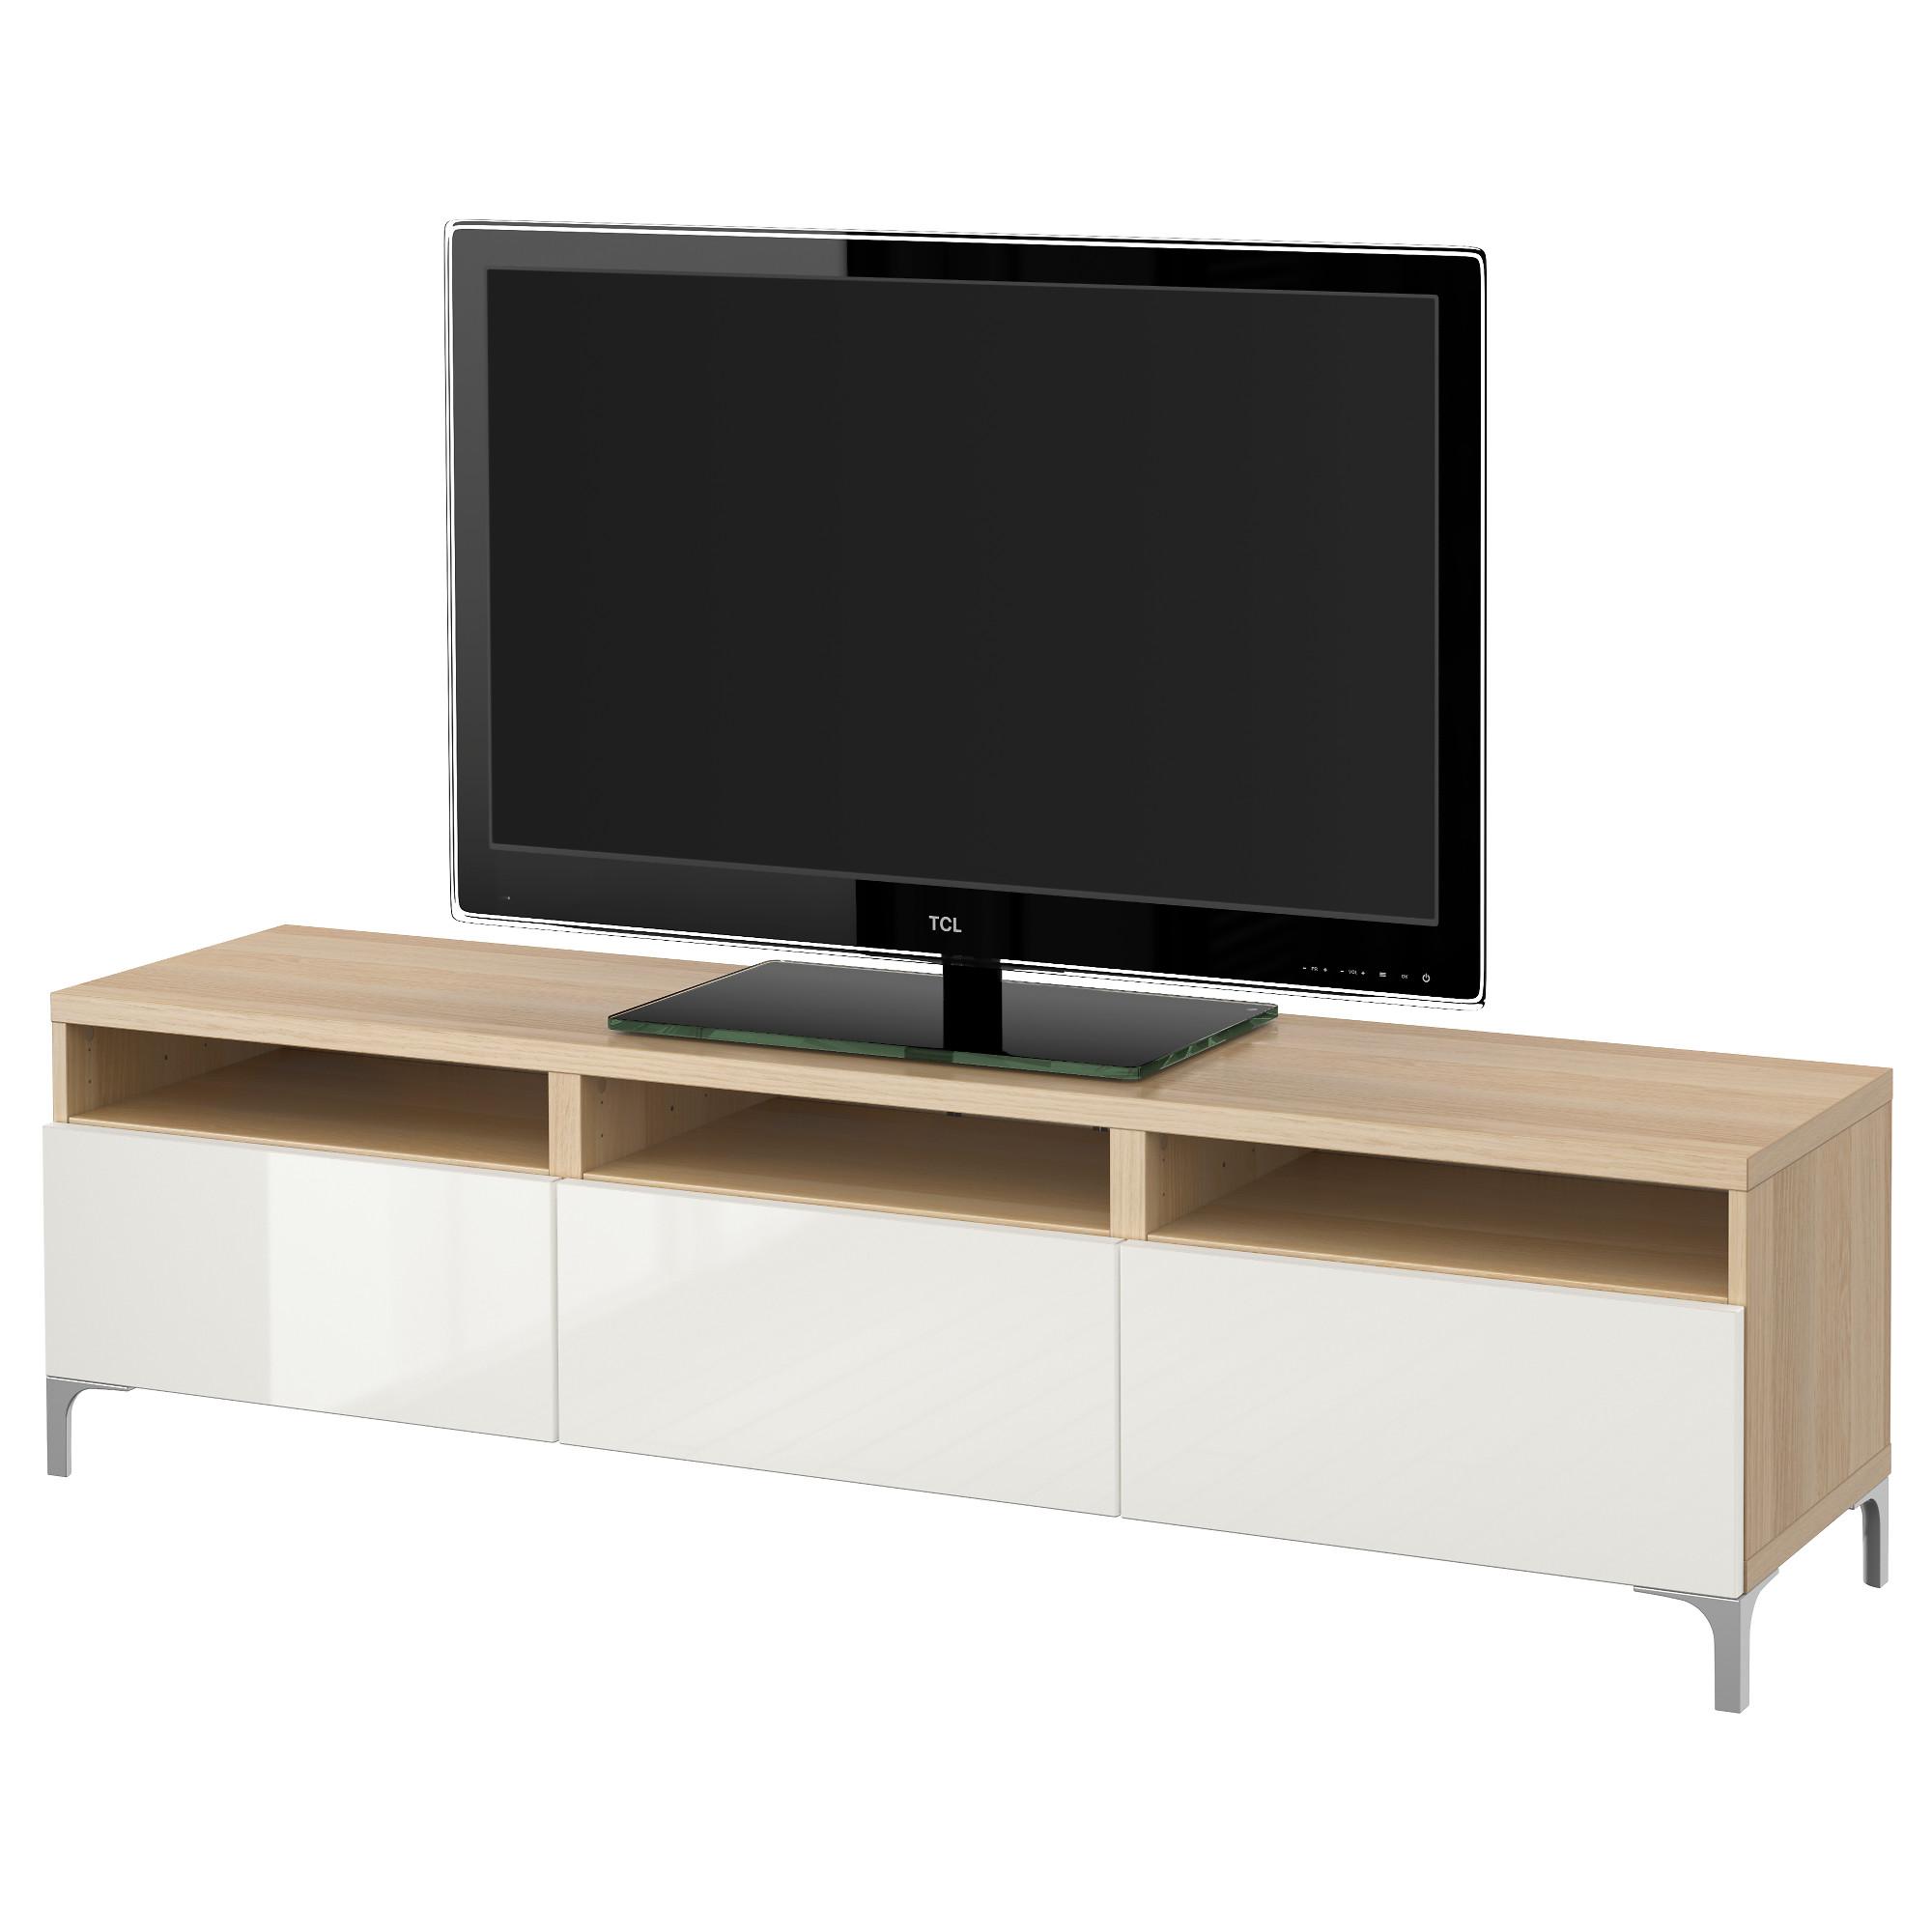 Тумба для ТВ с ящиками БЕСТО артикуль № 991.395.69 в наличии. Интернет сайт IKEA Республика Беларусь. Быстрая доставка и установка.